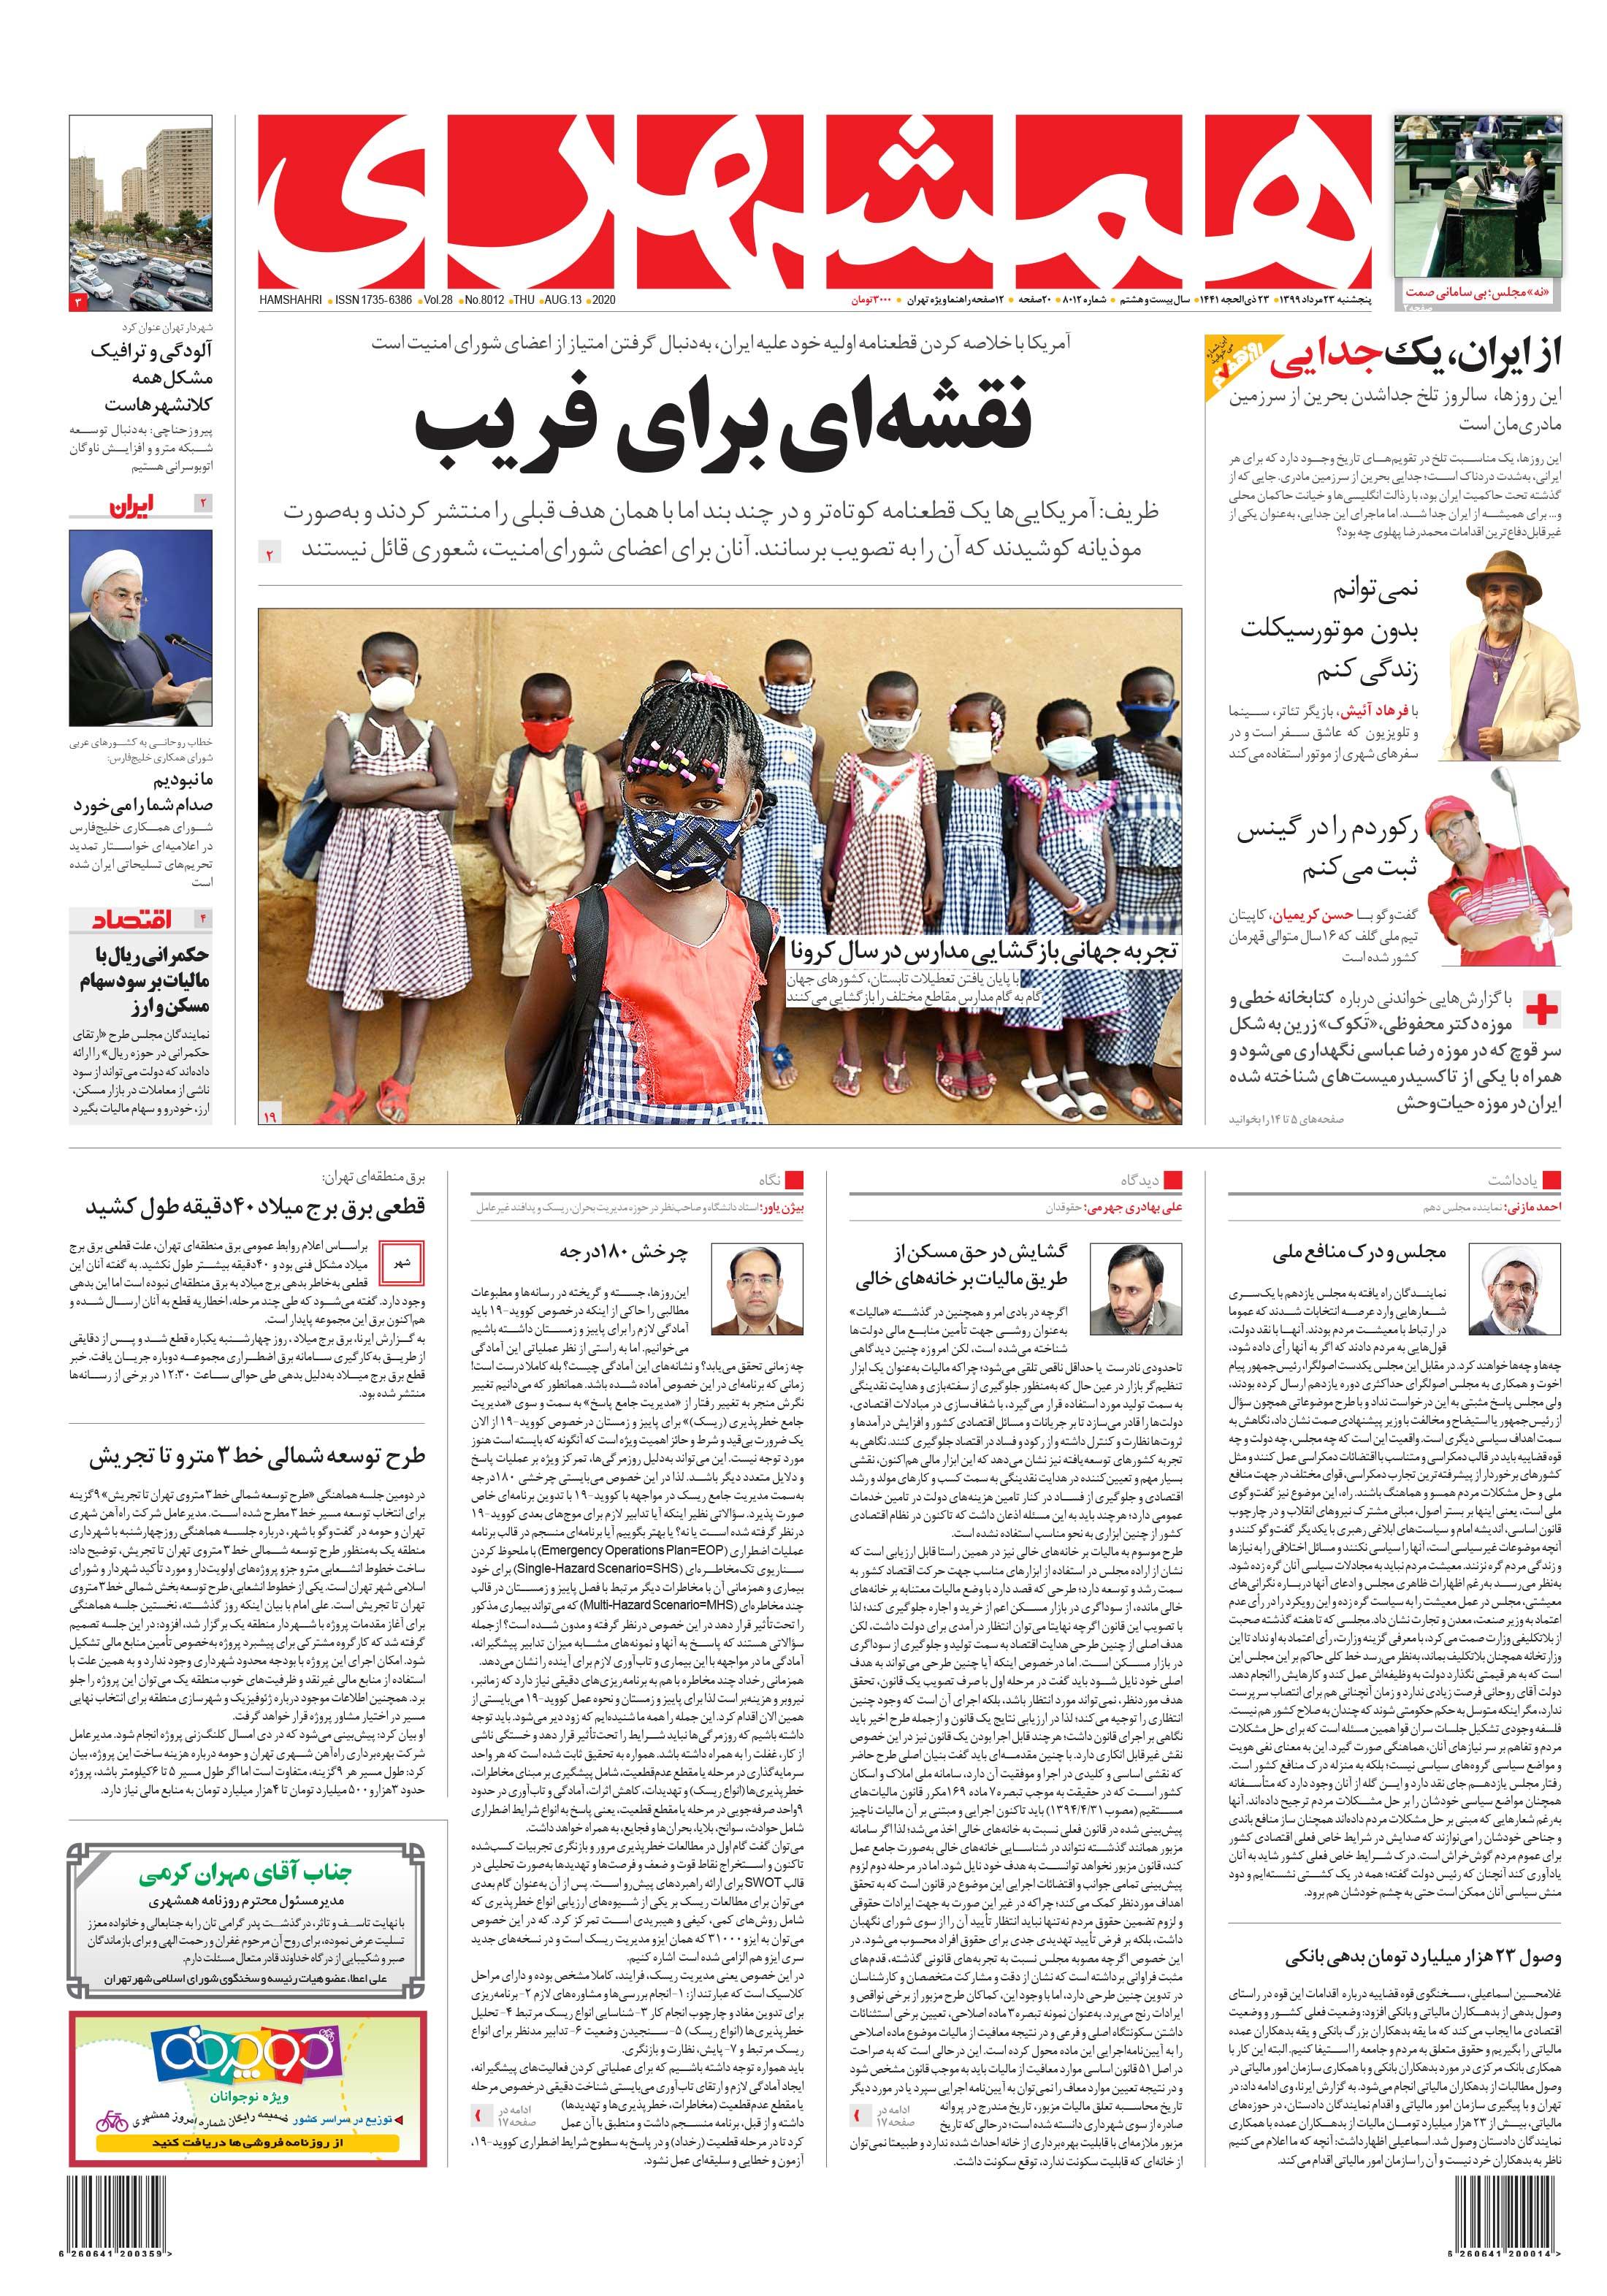 صفحه اول پنجشنبه 23 مرداد 1399